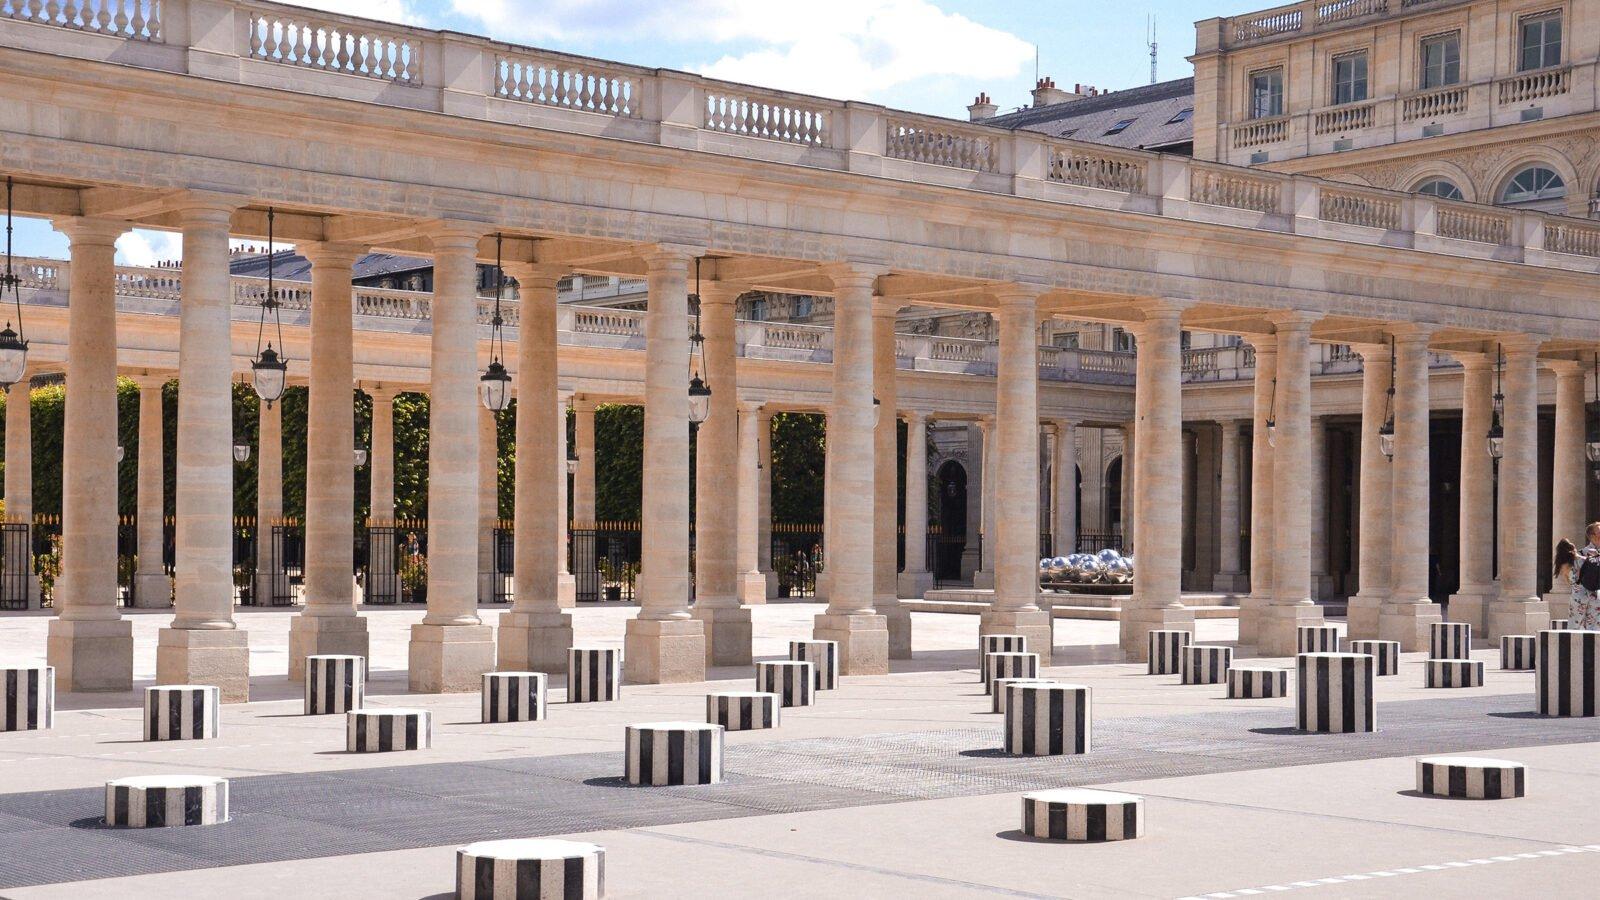 This picture shows the Jardin du Palais Royal in Paris and the Colonnes Buren